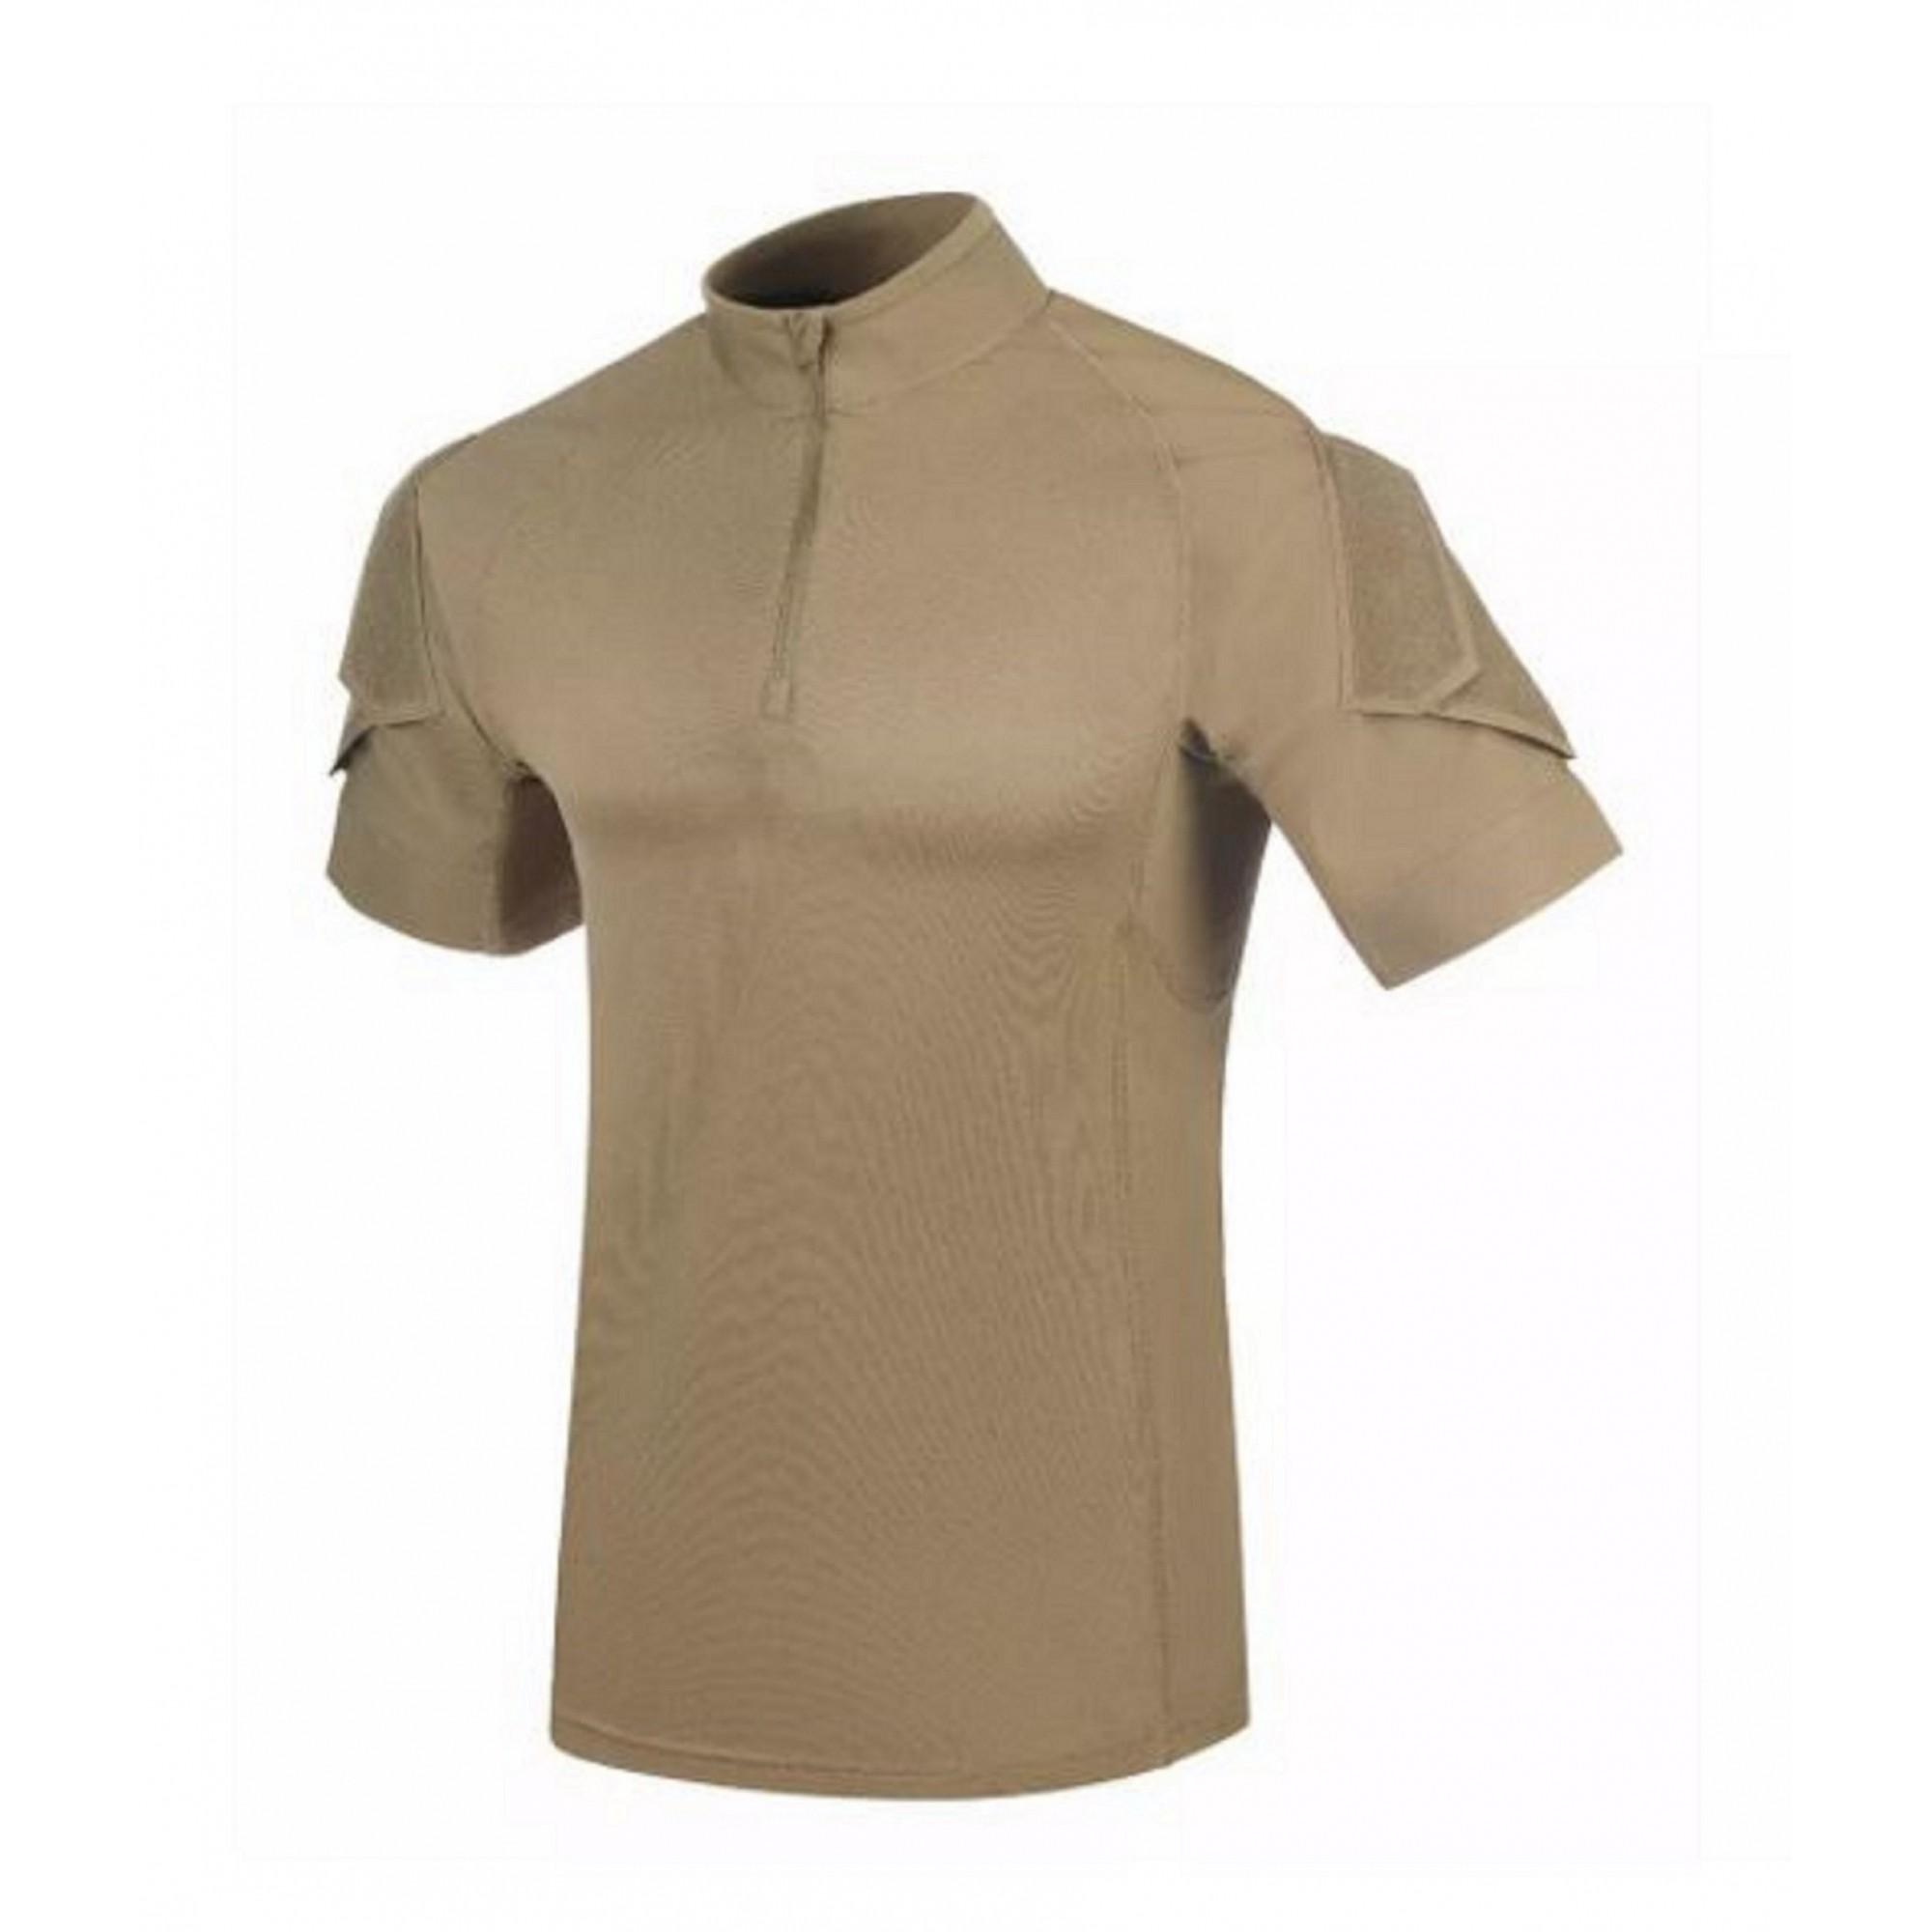 Camisa Invictus Fighter Caqui Mojave